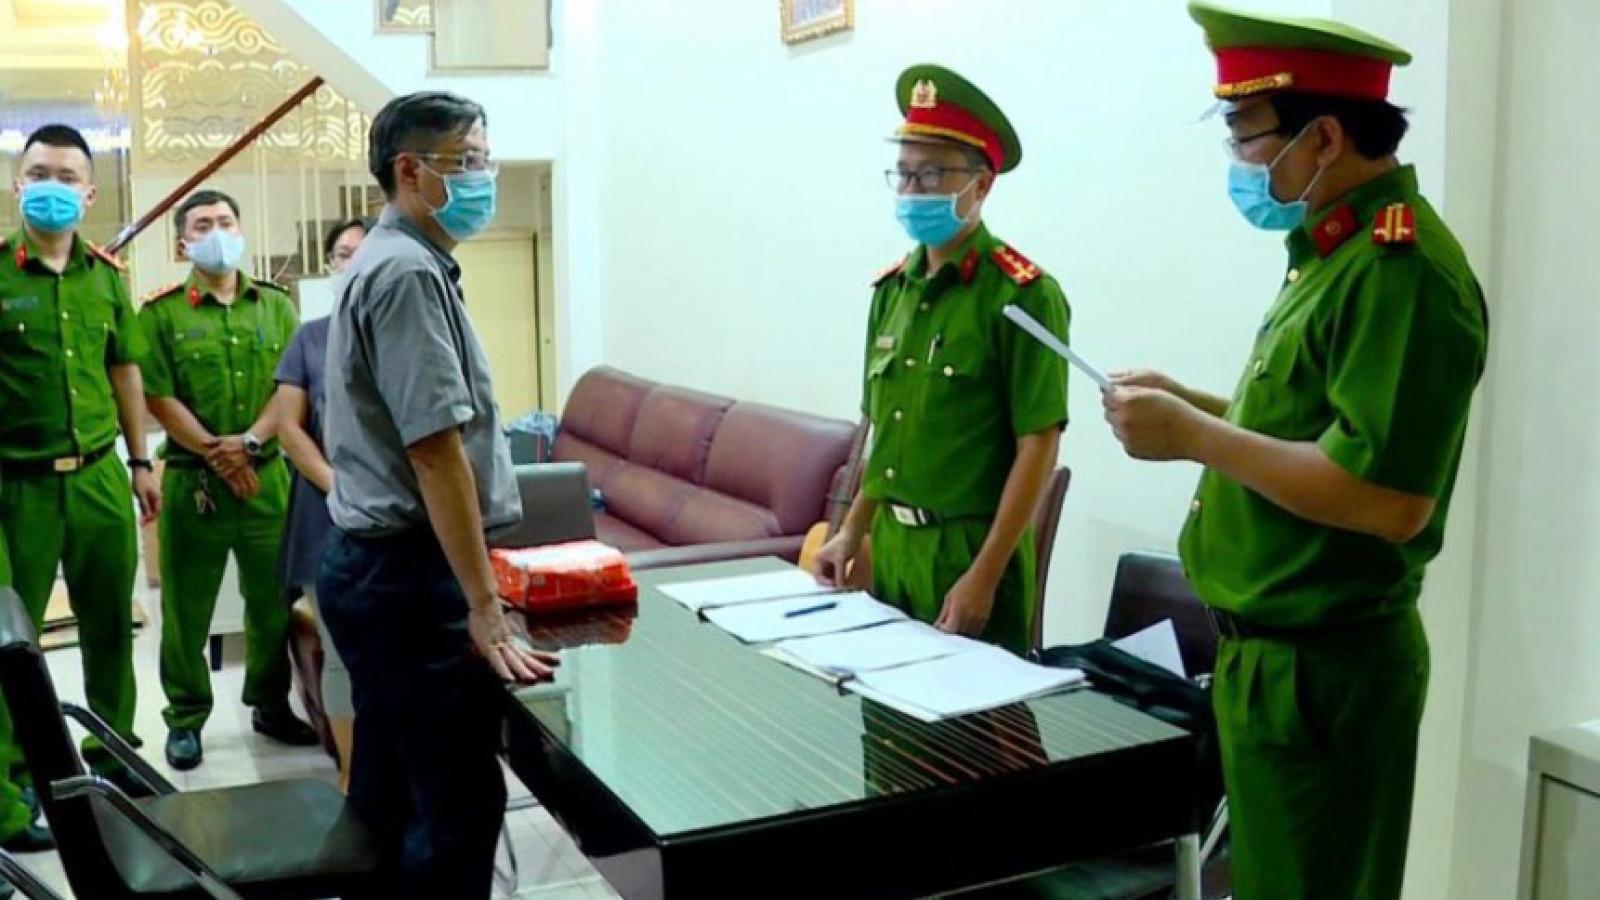 Vì sao 2 cựu Chủ tịch tỉnh Khánh Hòa cùng bị khởi tố, bắt tạm giam?